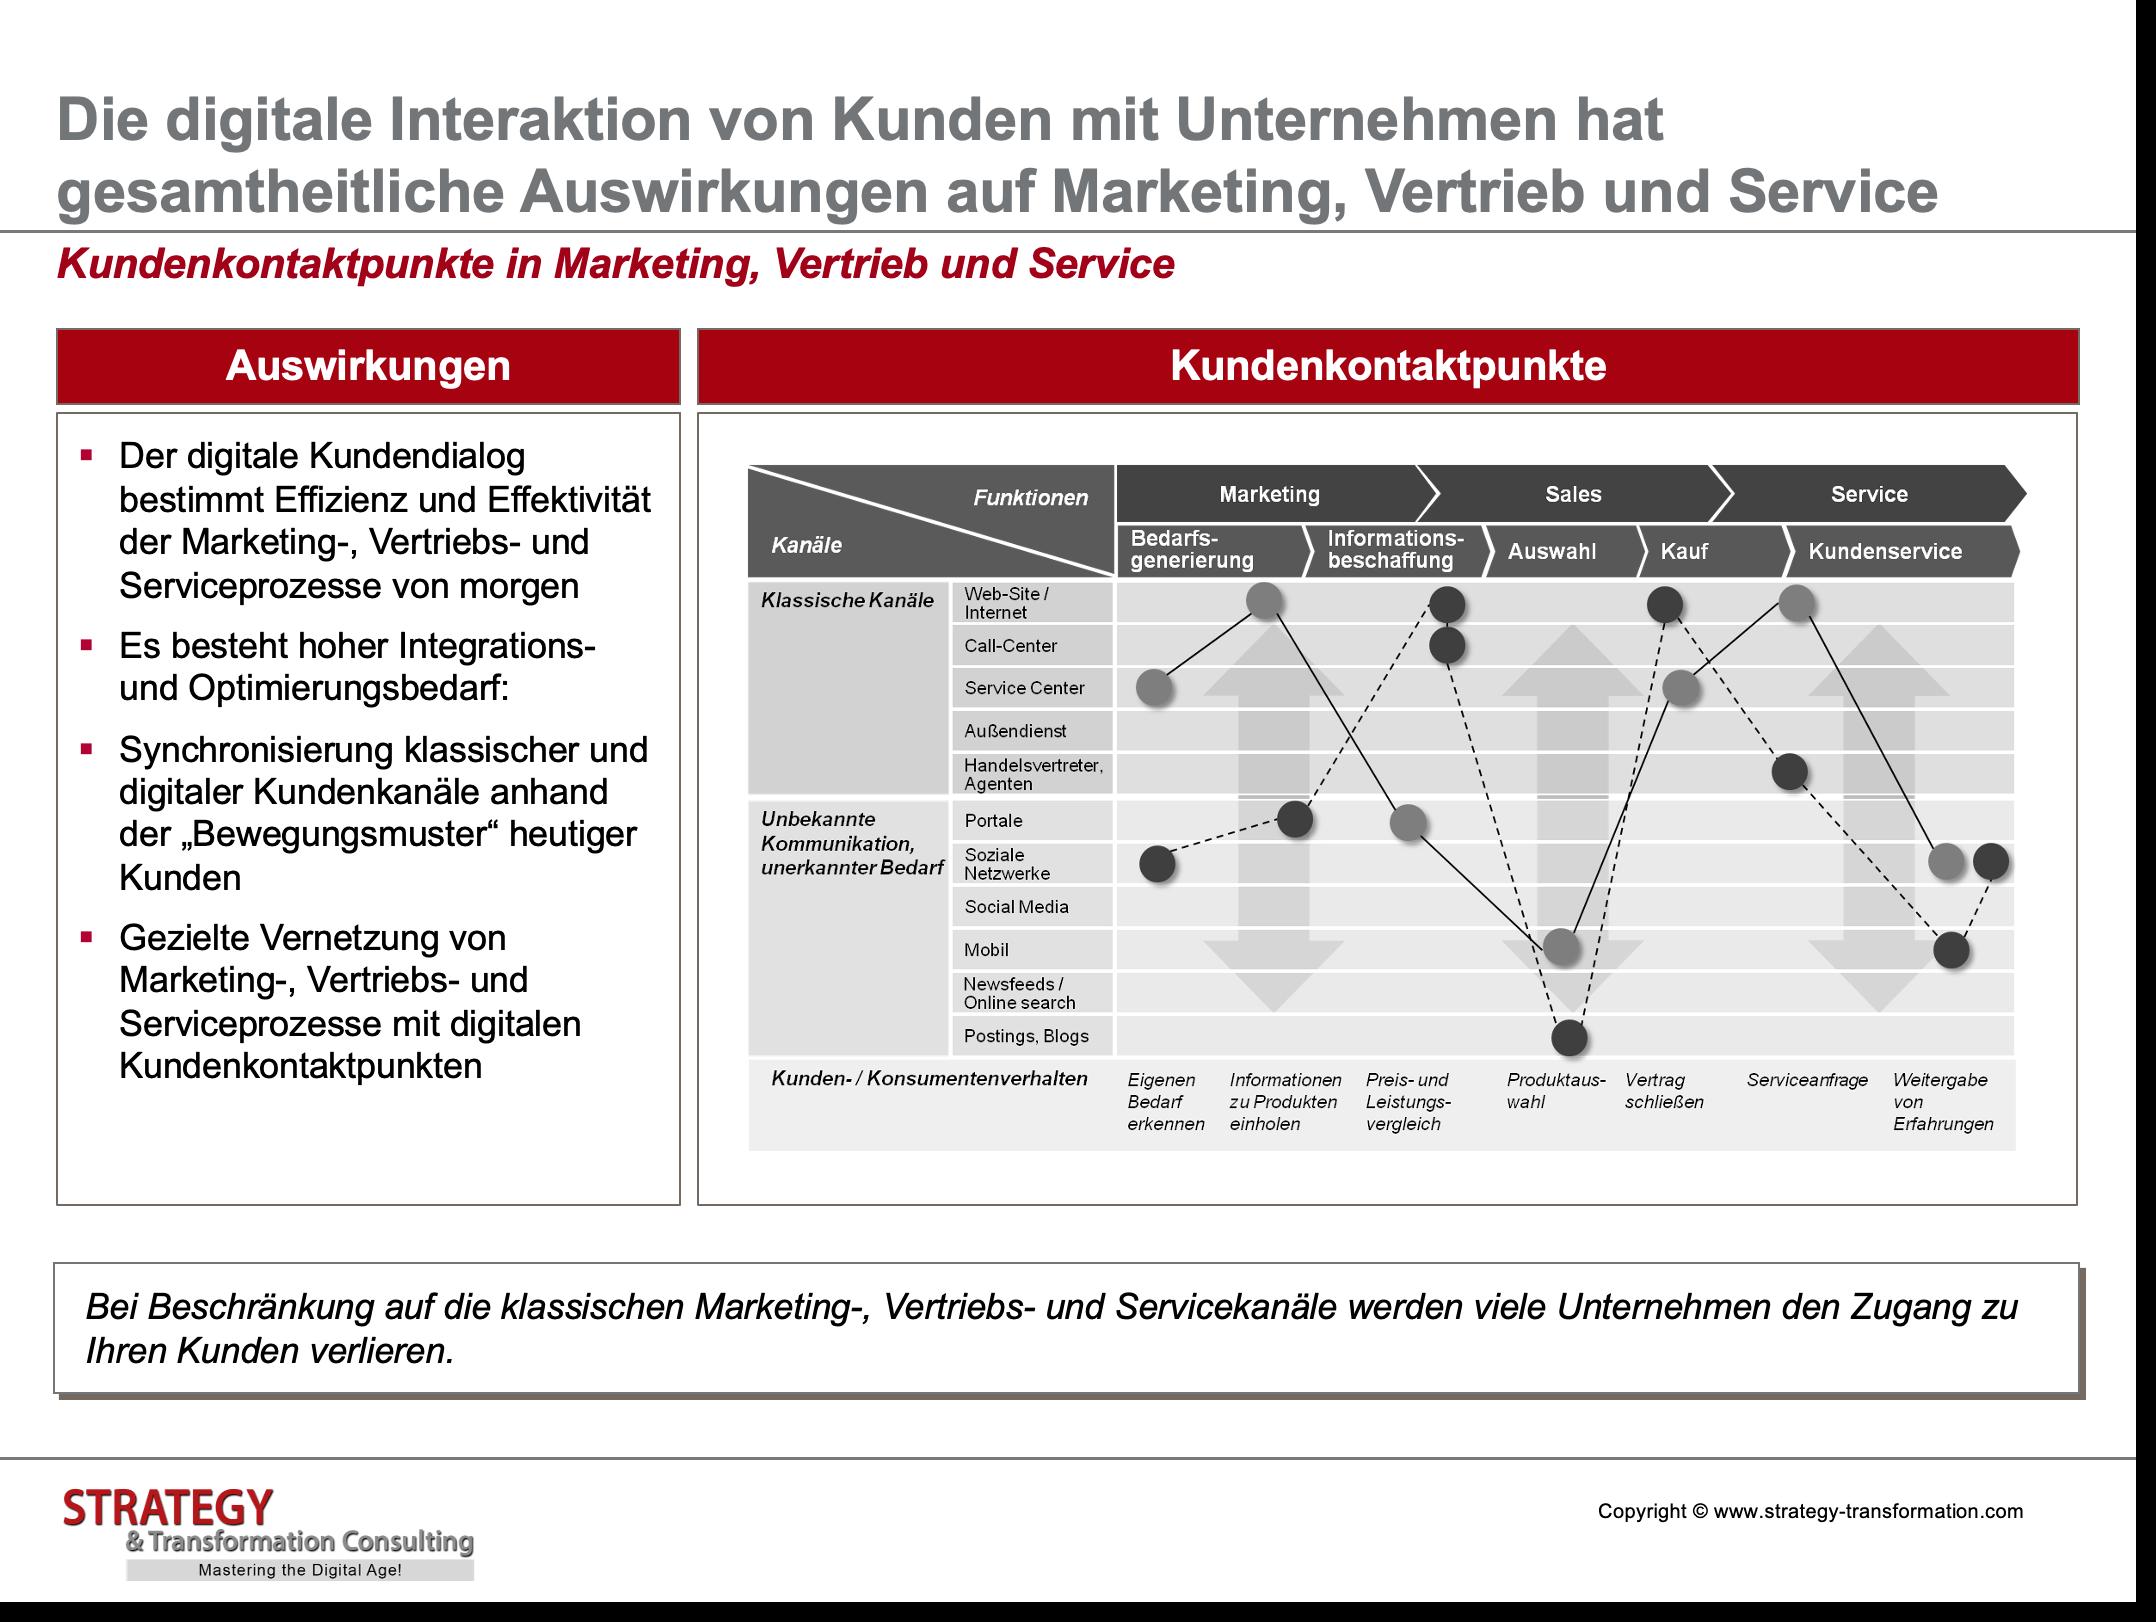 Digitale Transformation verstehen_Kundenkontaktpunkte in MSS